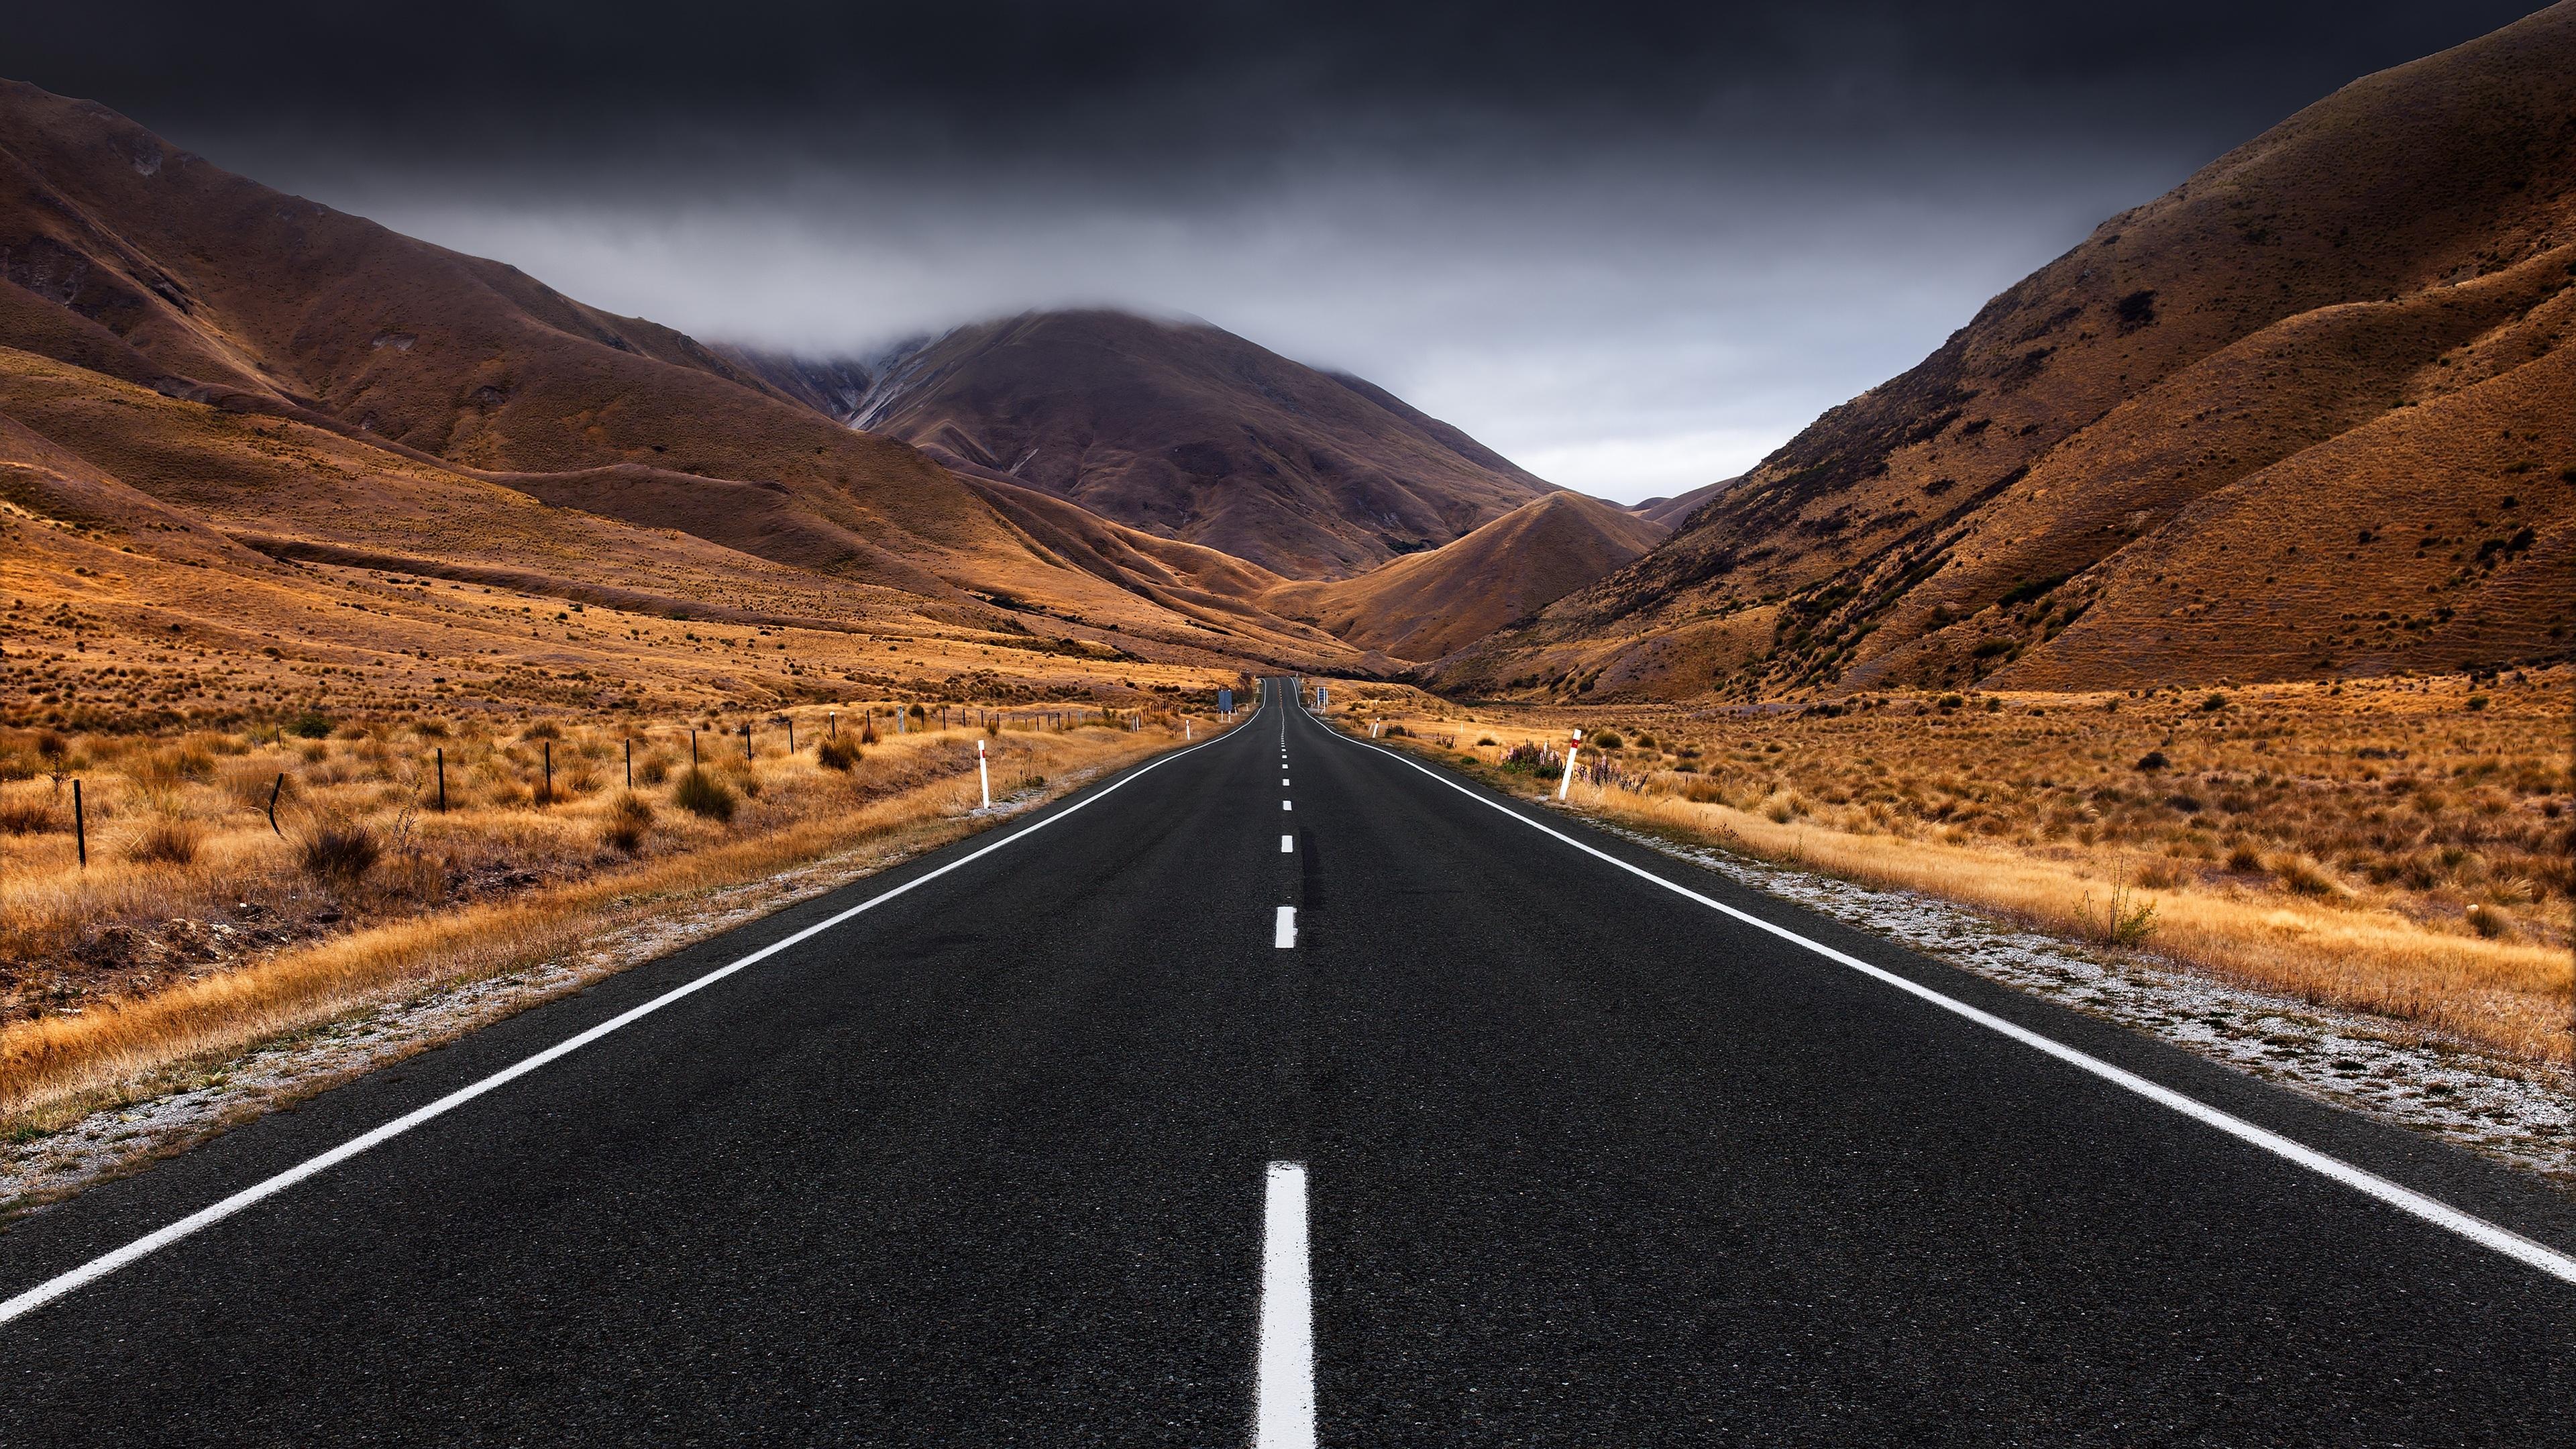 Wallpaper : pemandangan, melewati gunung, jalan raya, aspal